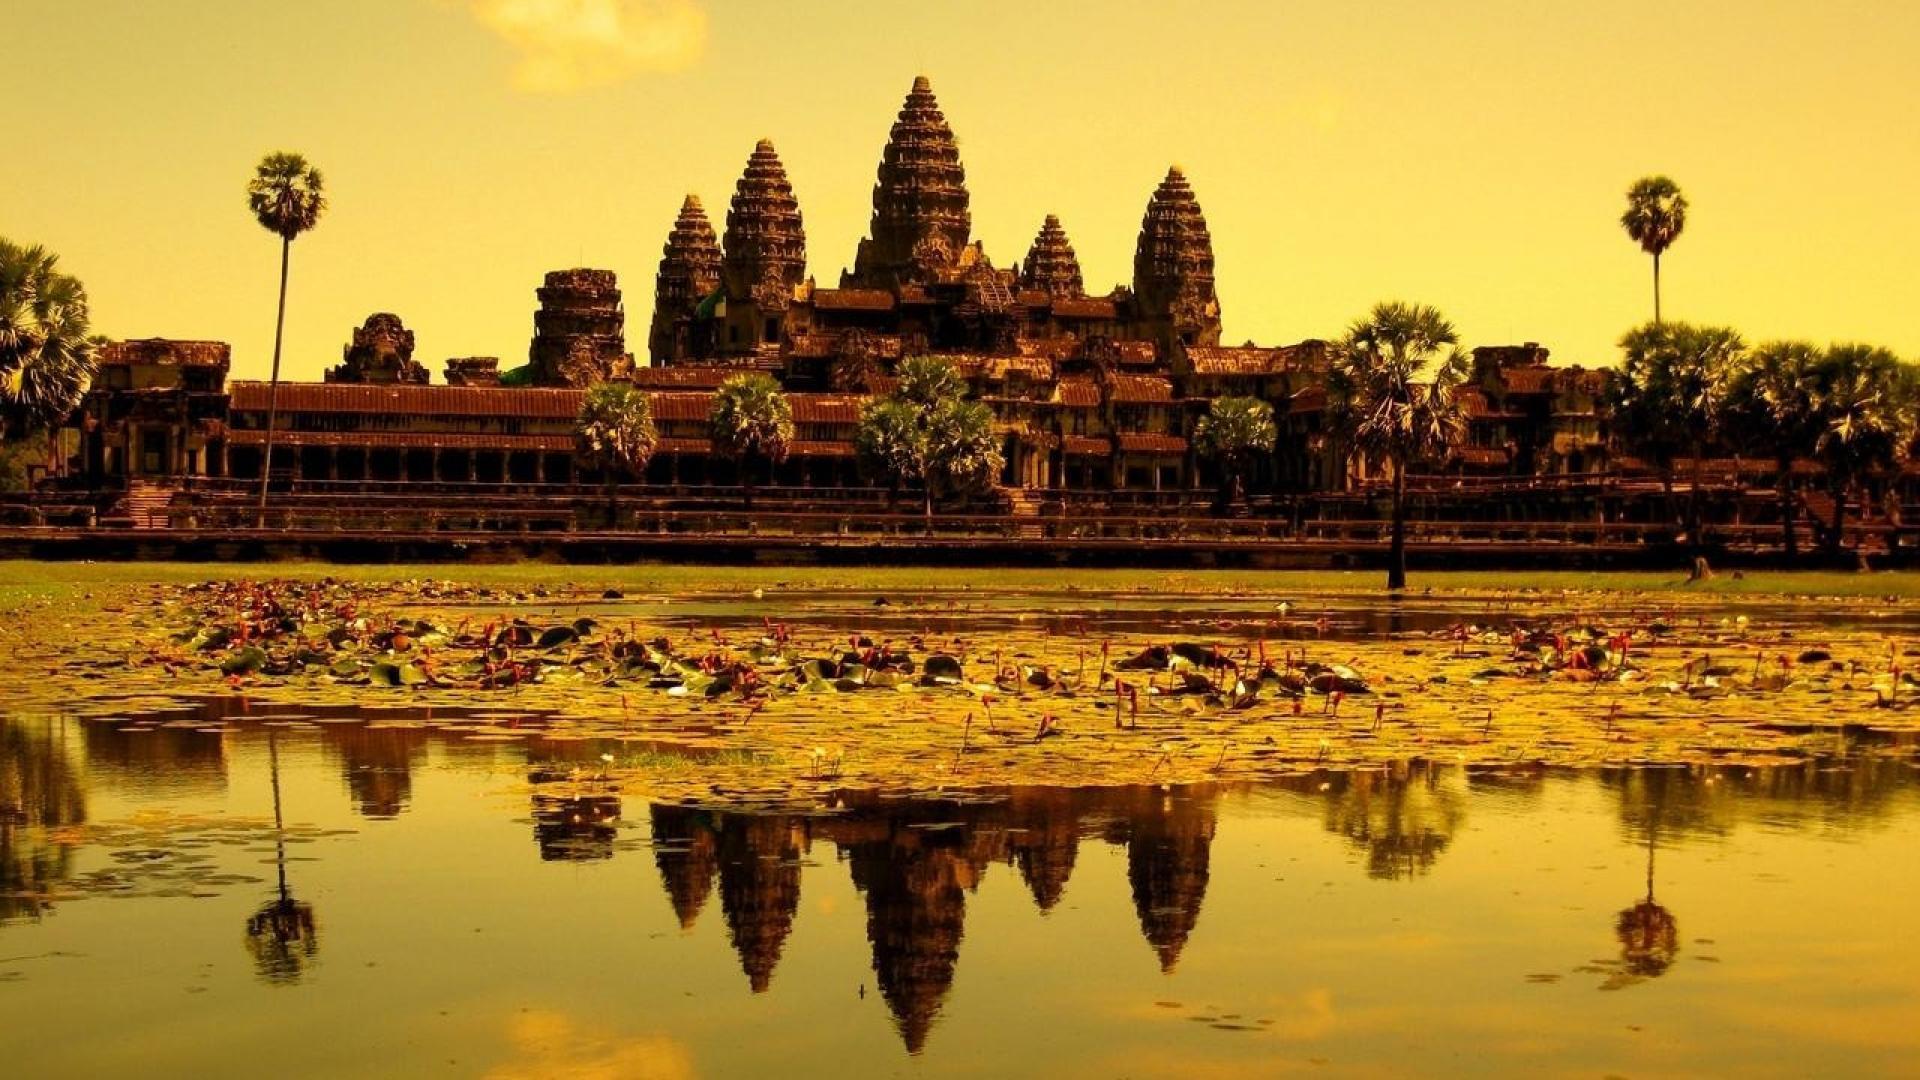 cambodia wallpaper wallpapersafari